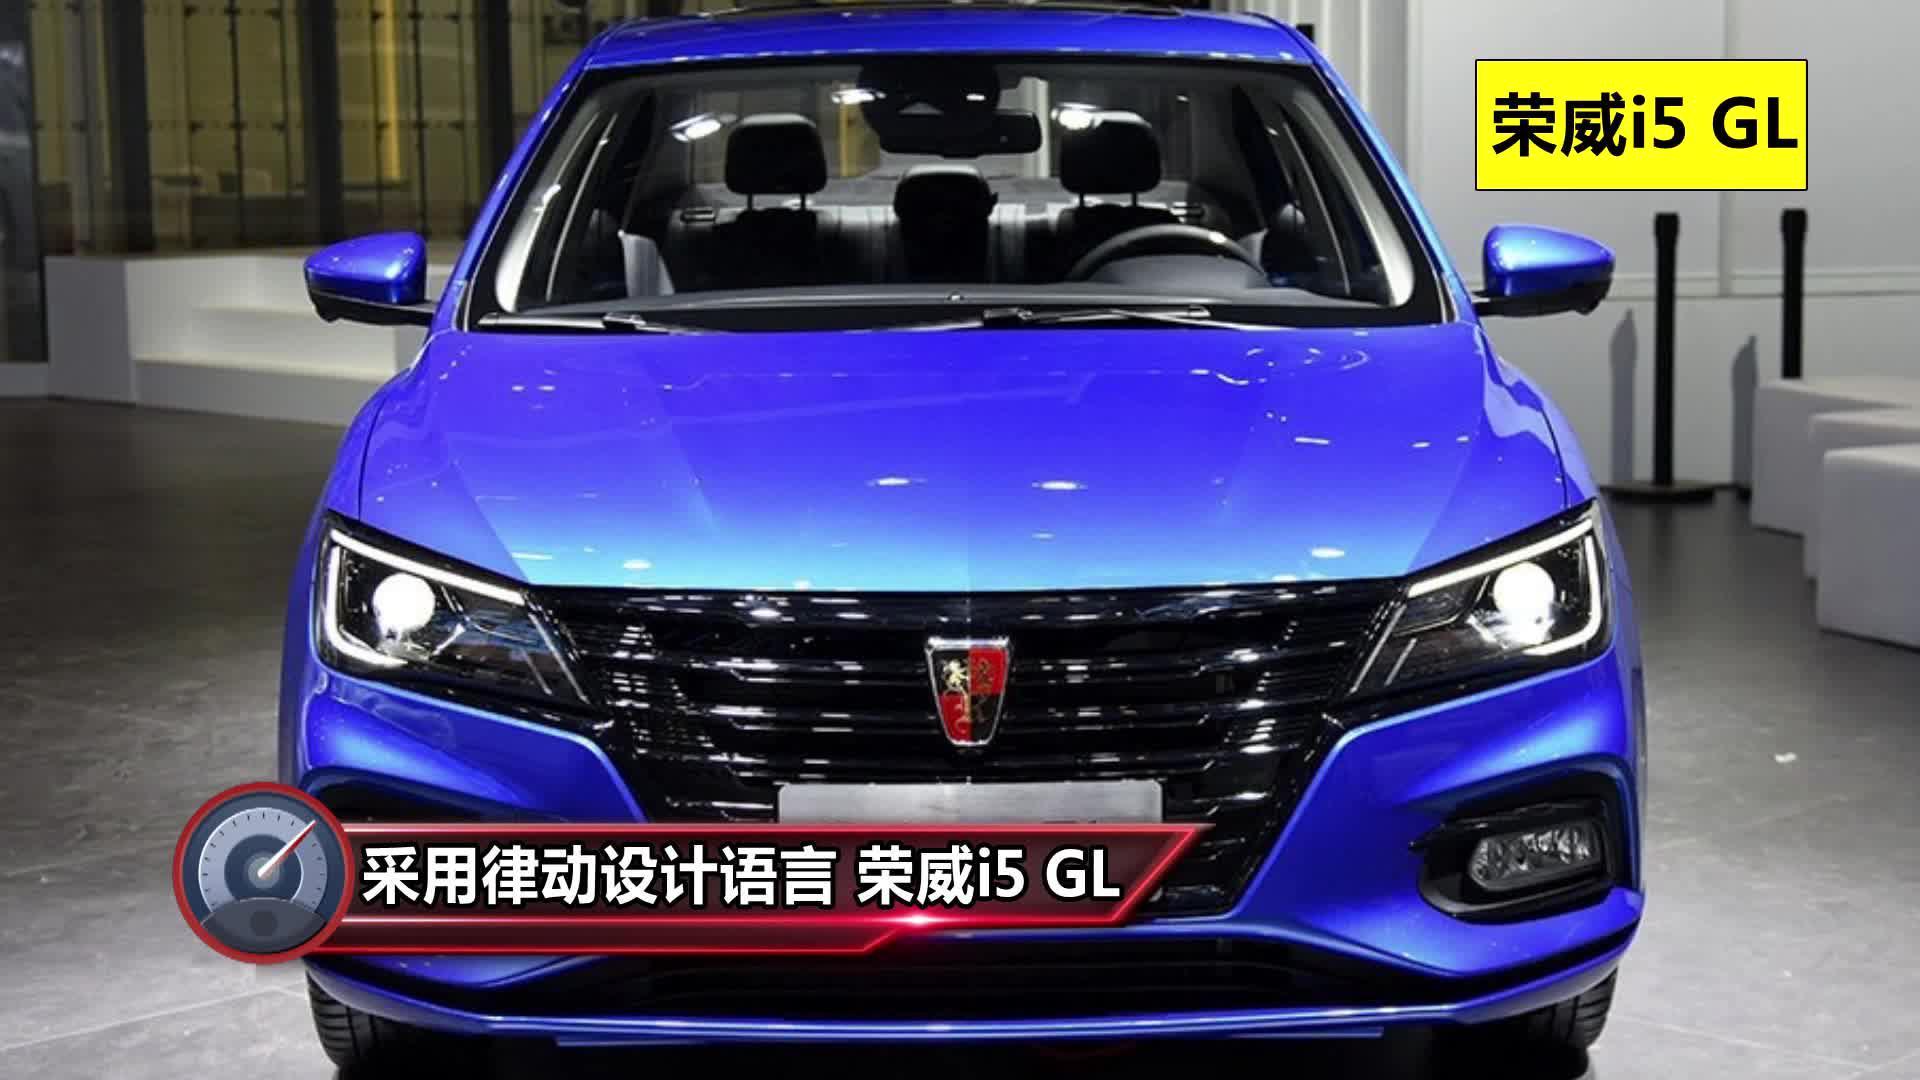 视频:荣威i5 GL这款车怎么样?后期小毛病多吗?